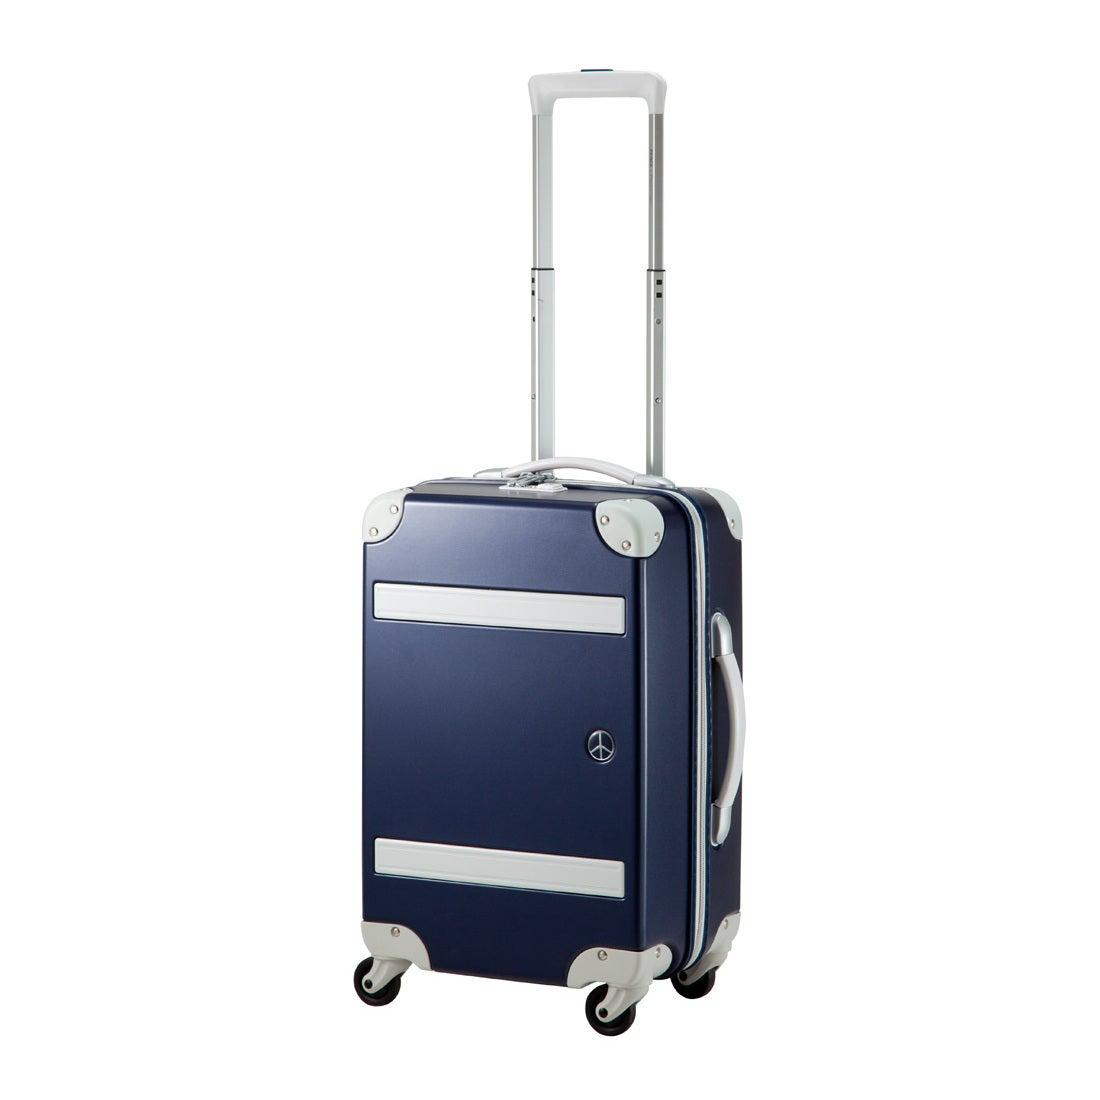 【SAC'S BAR】プラスワン スーツケース PEACE×Passenger 8170-49 49cm トラッドネイビー メンズ